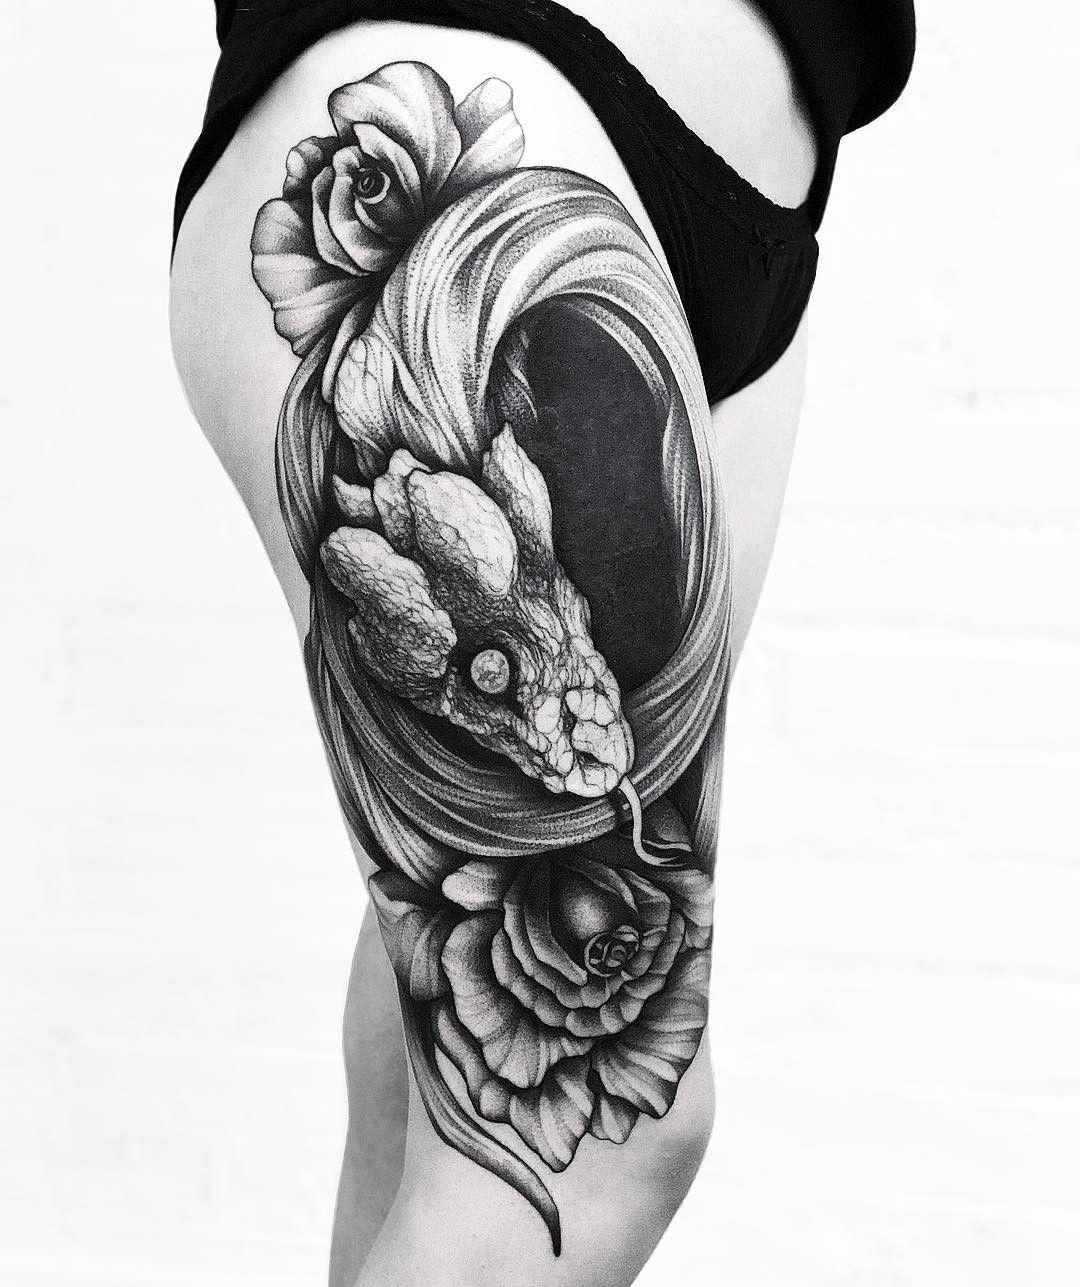 Best Snake Tattoos Designs Ideas // August, 2020 Waist